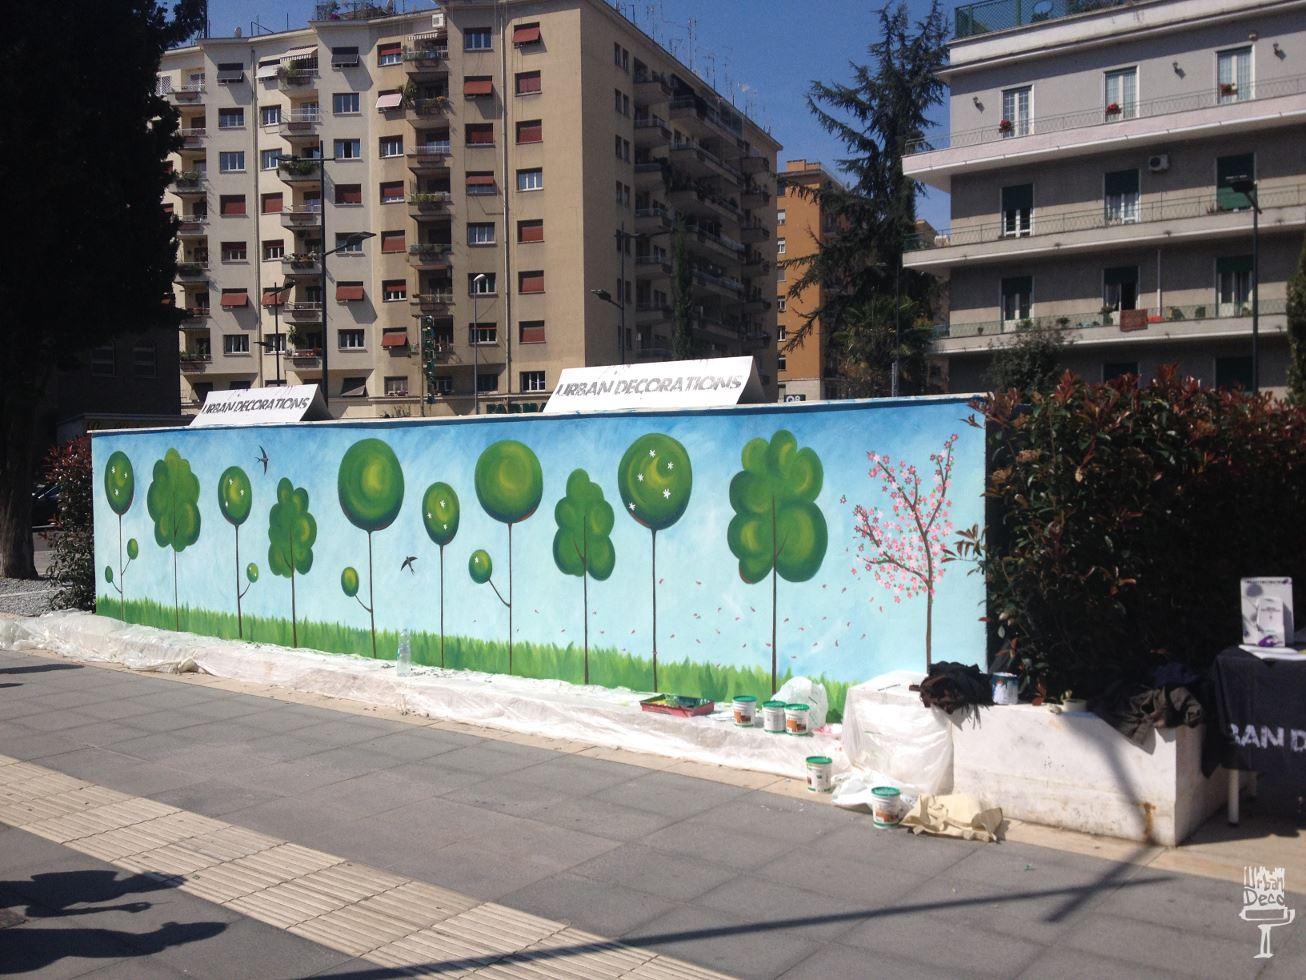 Riqualificazione urbana a roma for Blog decorazione interni